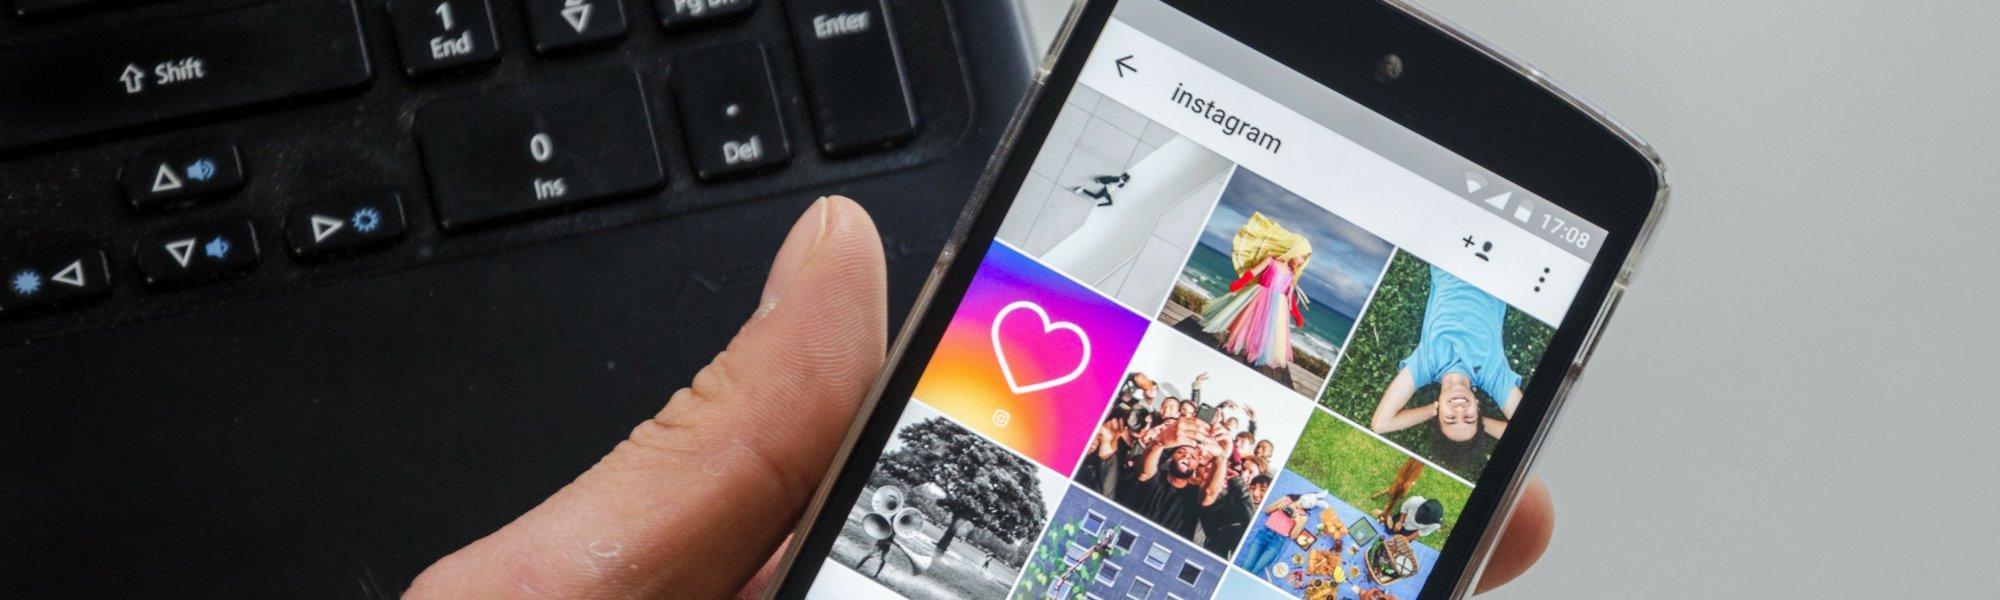 Comment avoir une stratégie professionnelle sur Instagram ?